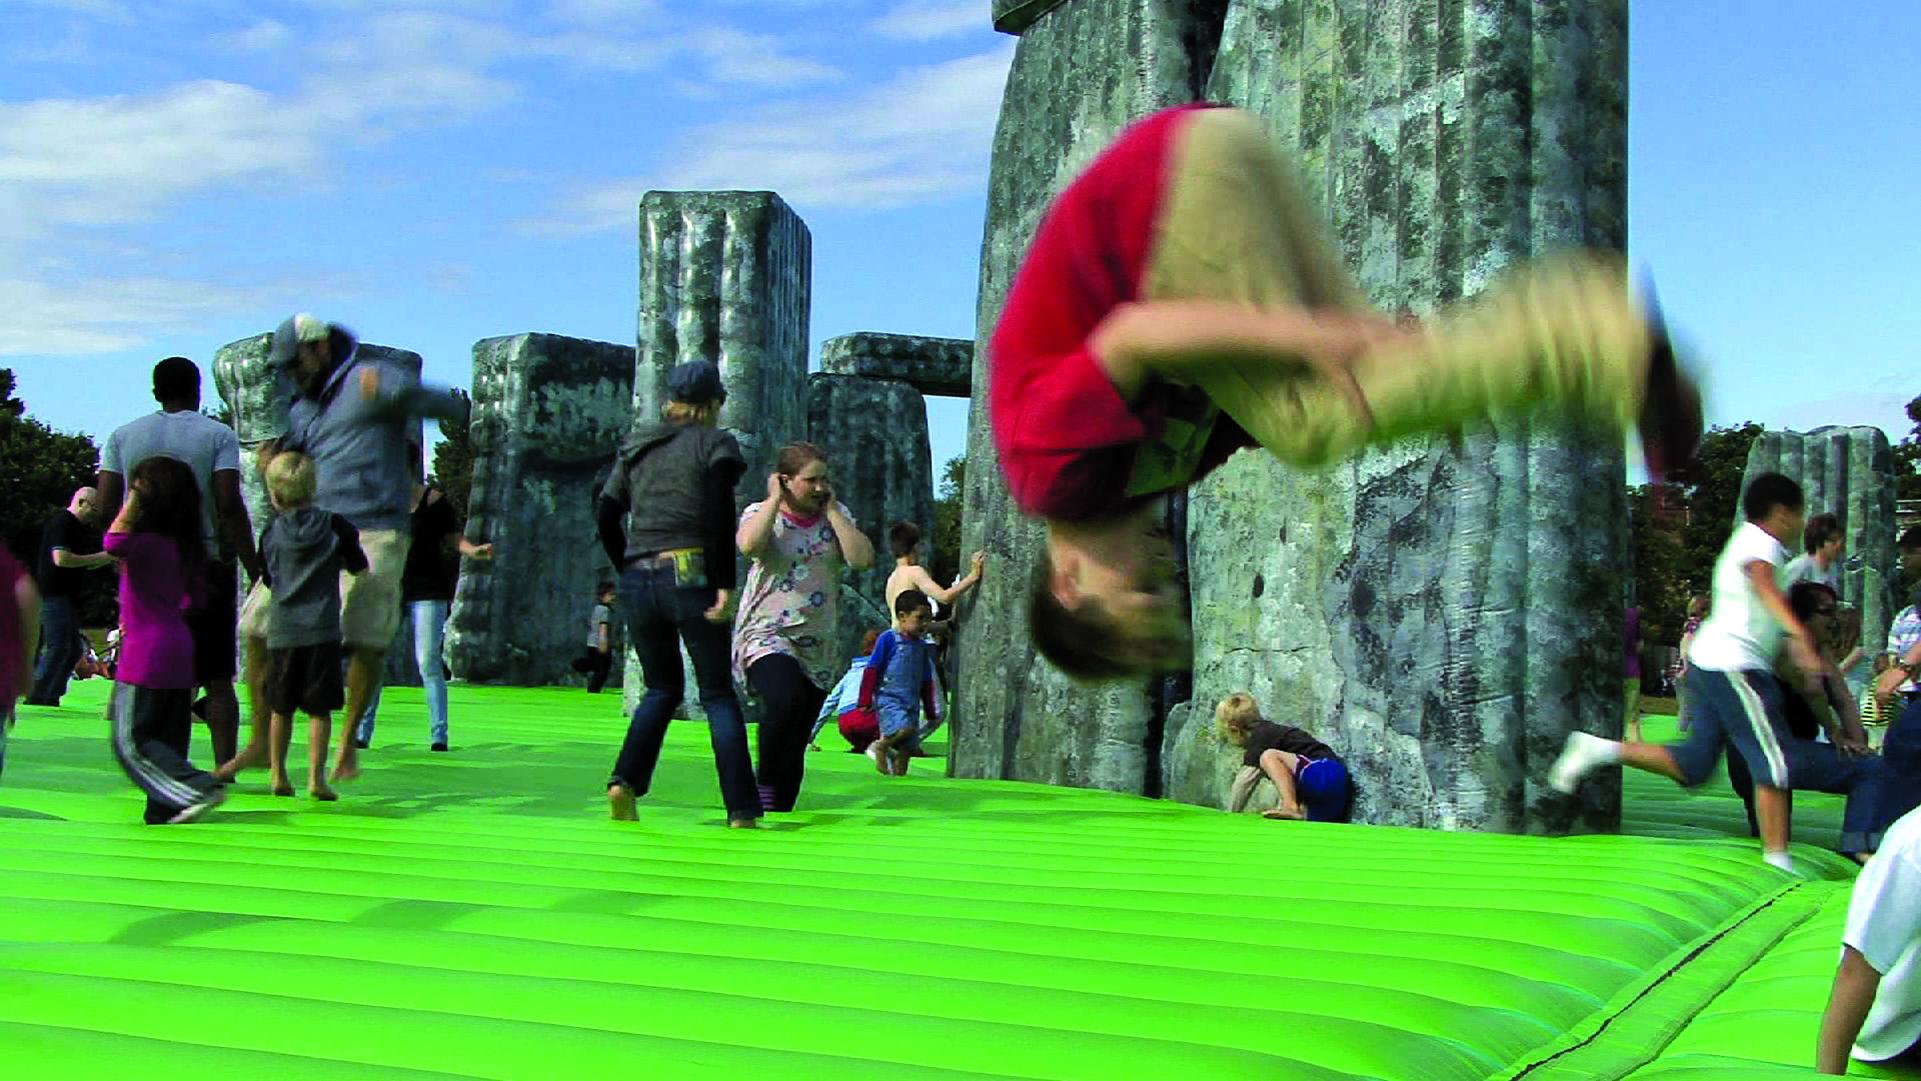 Torna a Firenze Lo schermo dell'arte. Tutte le novità: Jeremy Deller, anteprime mondiali e un film festival performativo